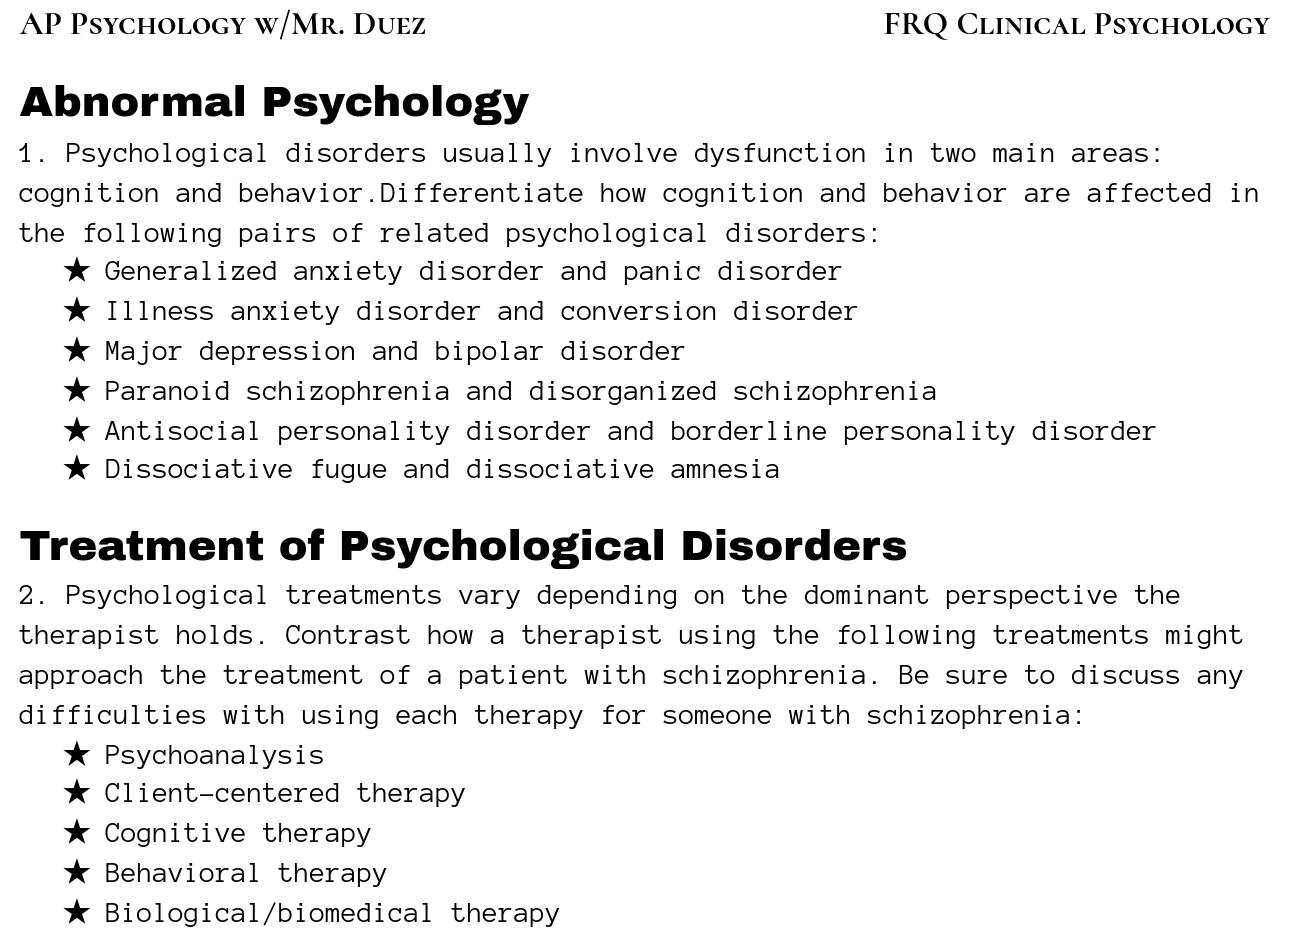 AP Psychology with Mr  Duez: April 2019